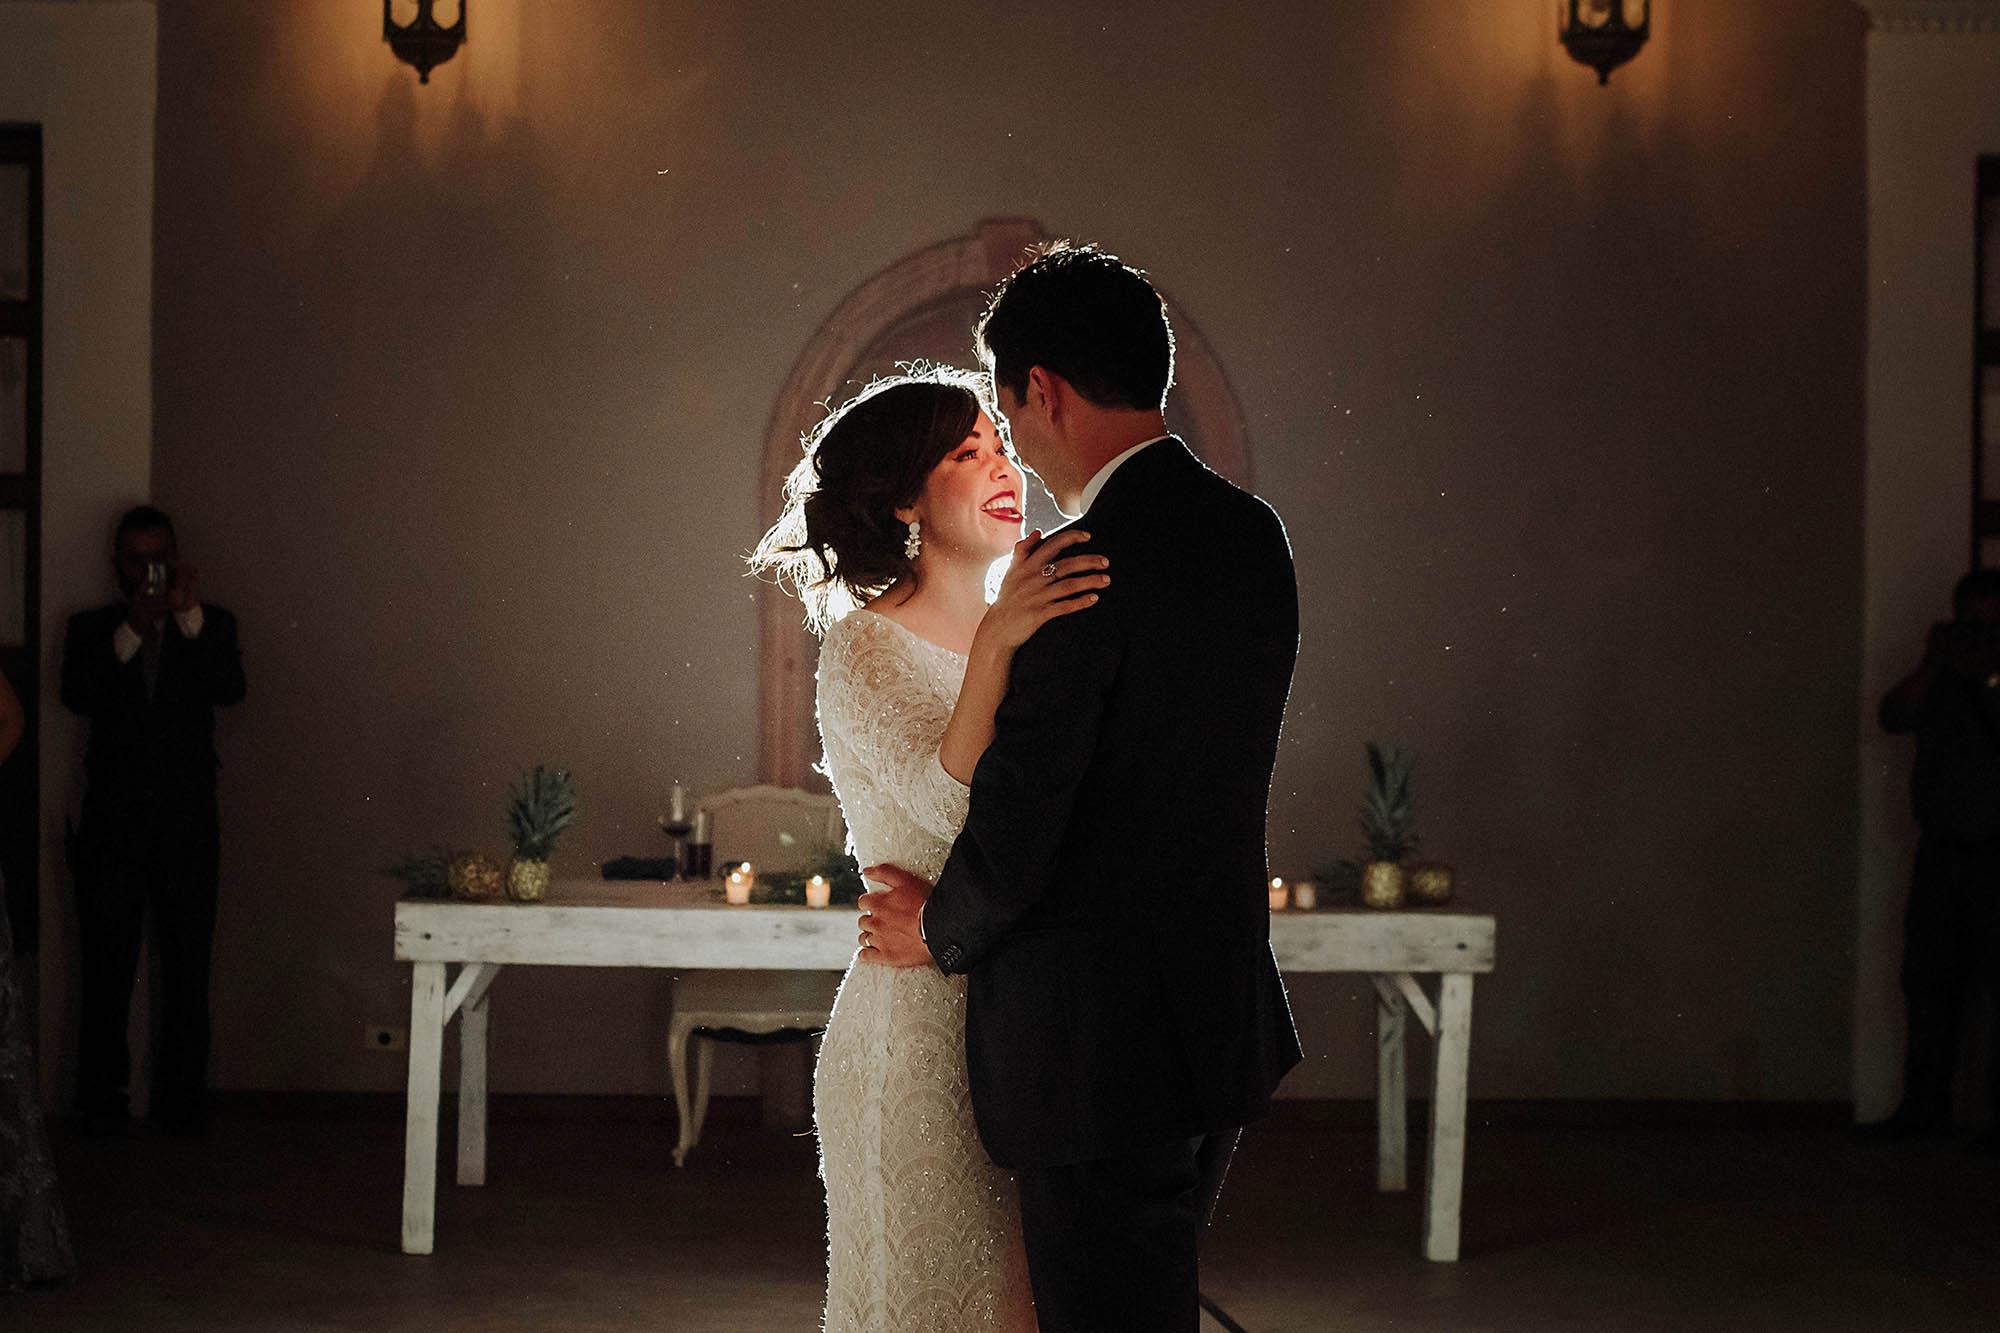 fotografia-de-boda-destino-Jimena-Mañon-Javier-Mere-36.jpg